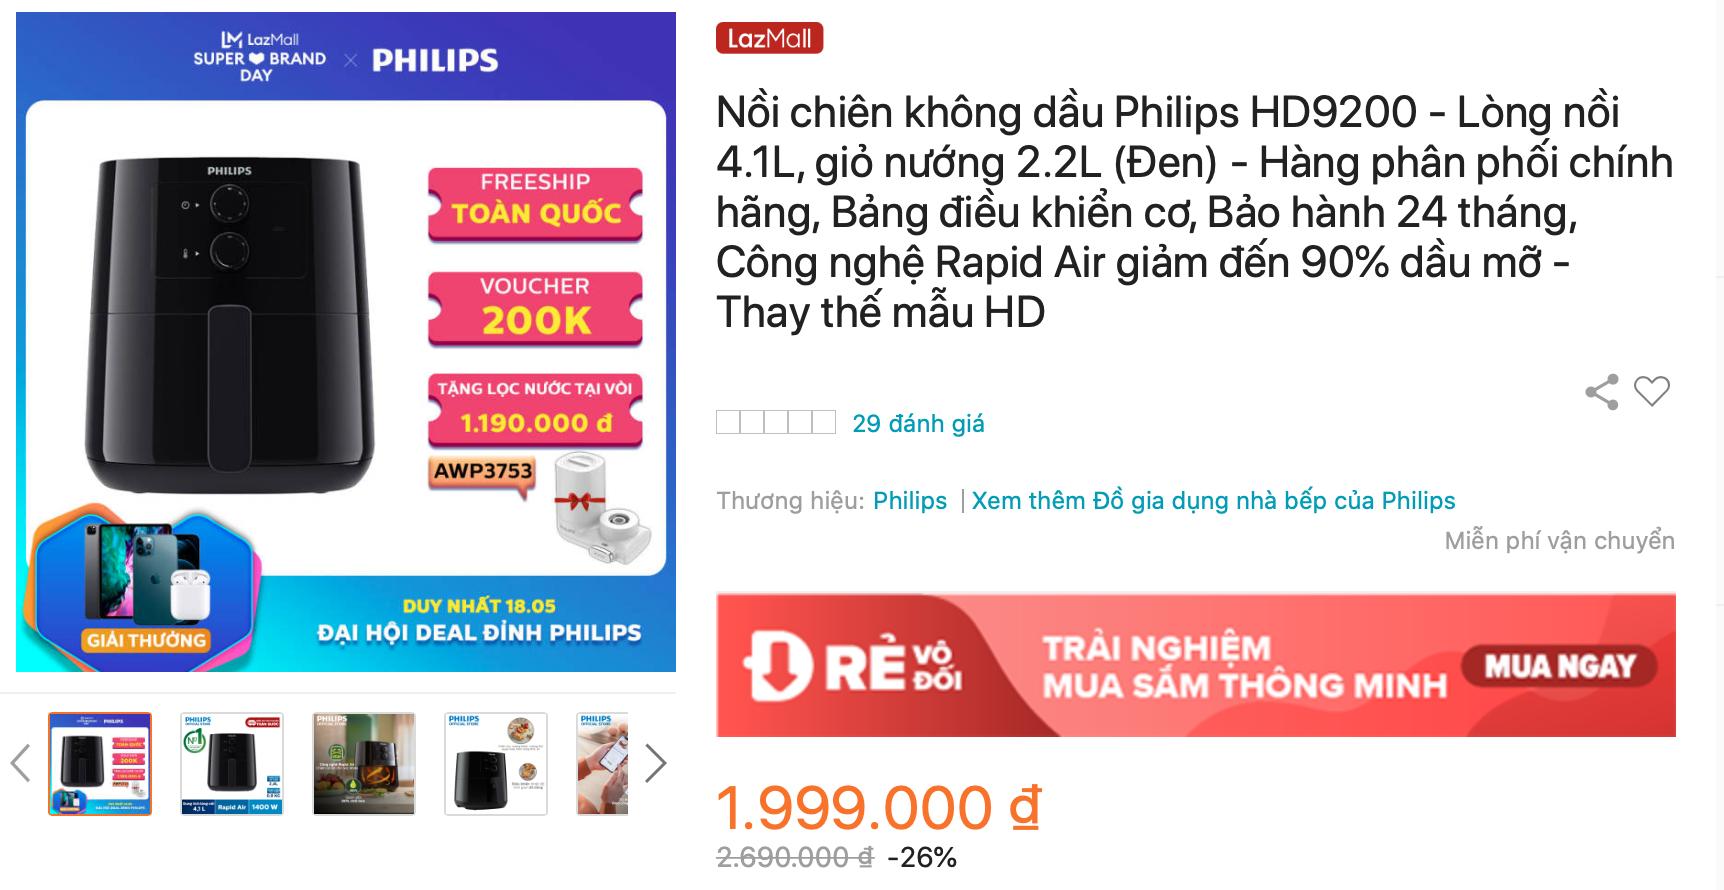 Nồi chiên không dầu Philips HD9200